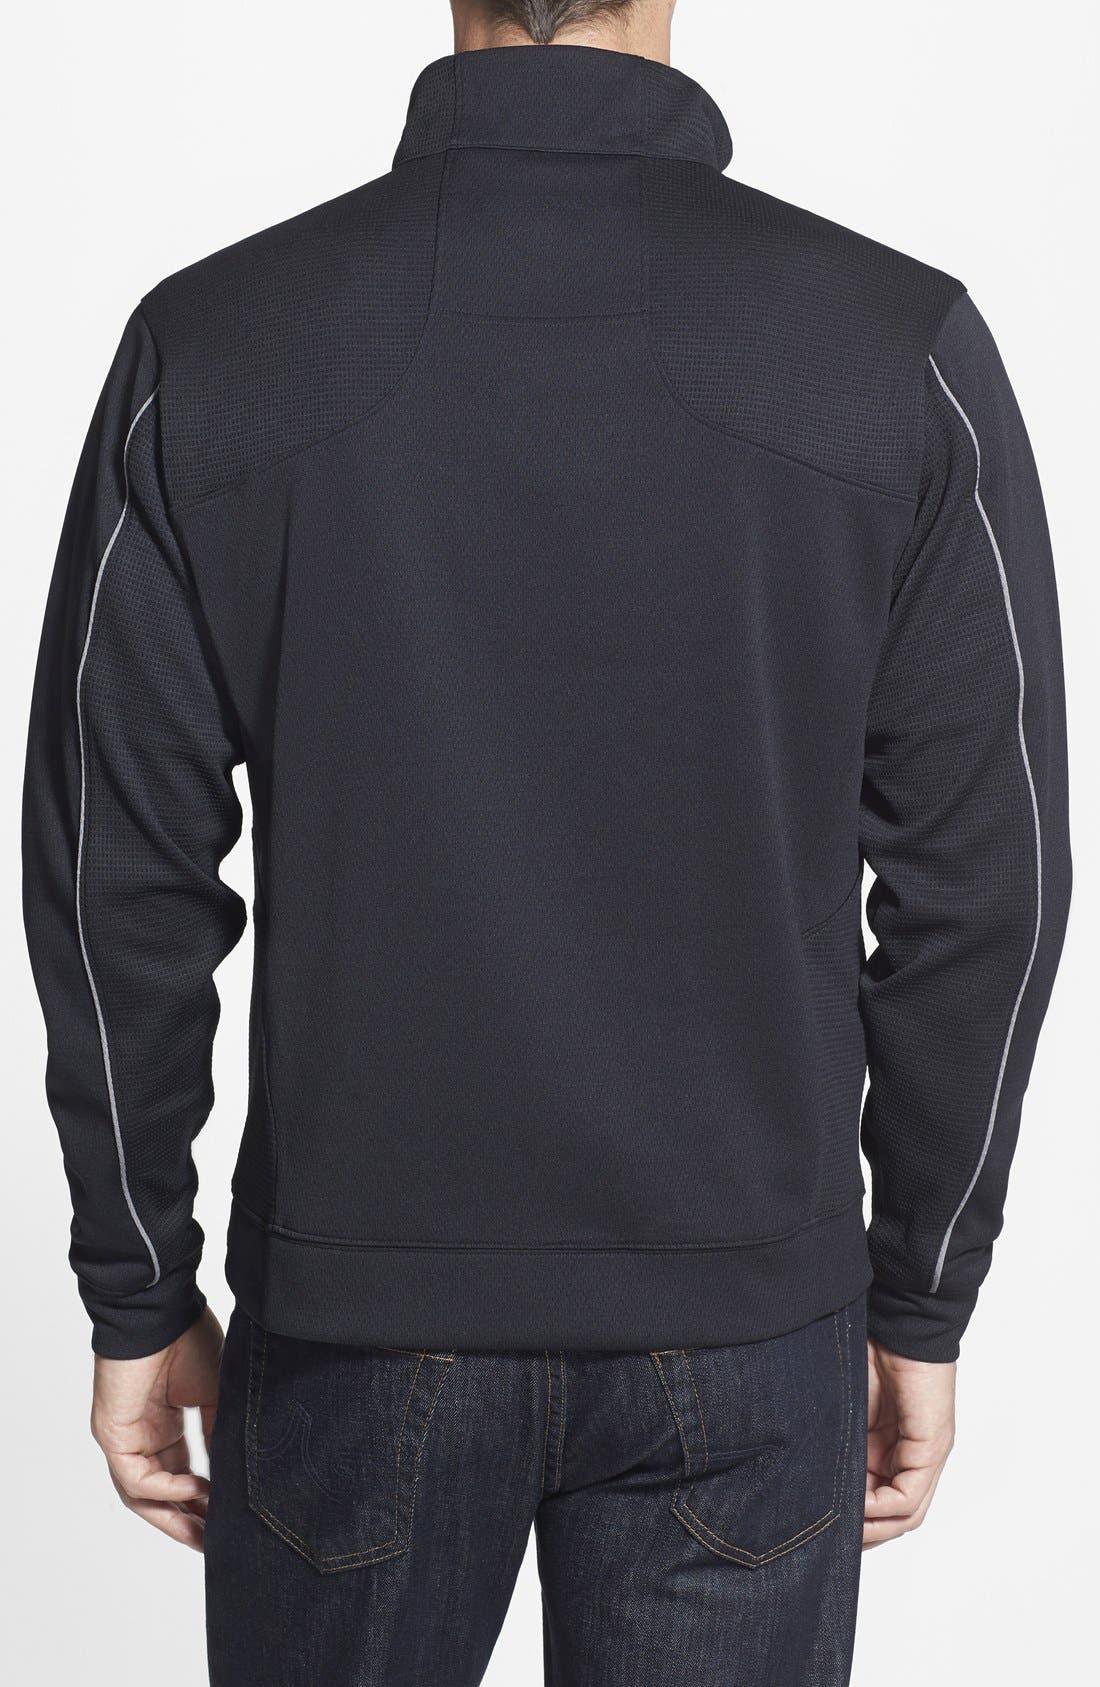 Baltimore Ravens - Edge DryTec Moisture Wicking Half Zip Pullover,                             Alternate thumbnail 2, color,                             001